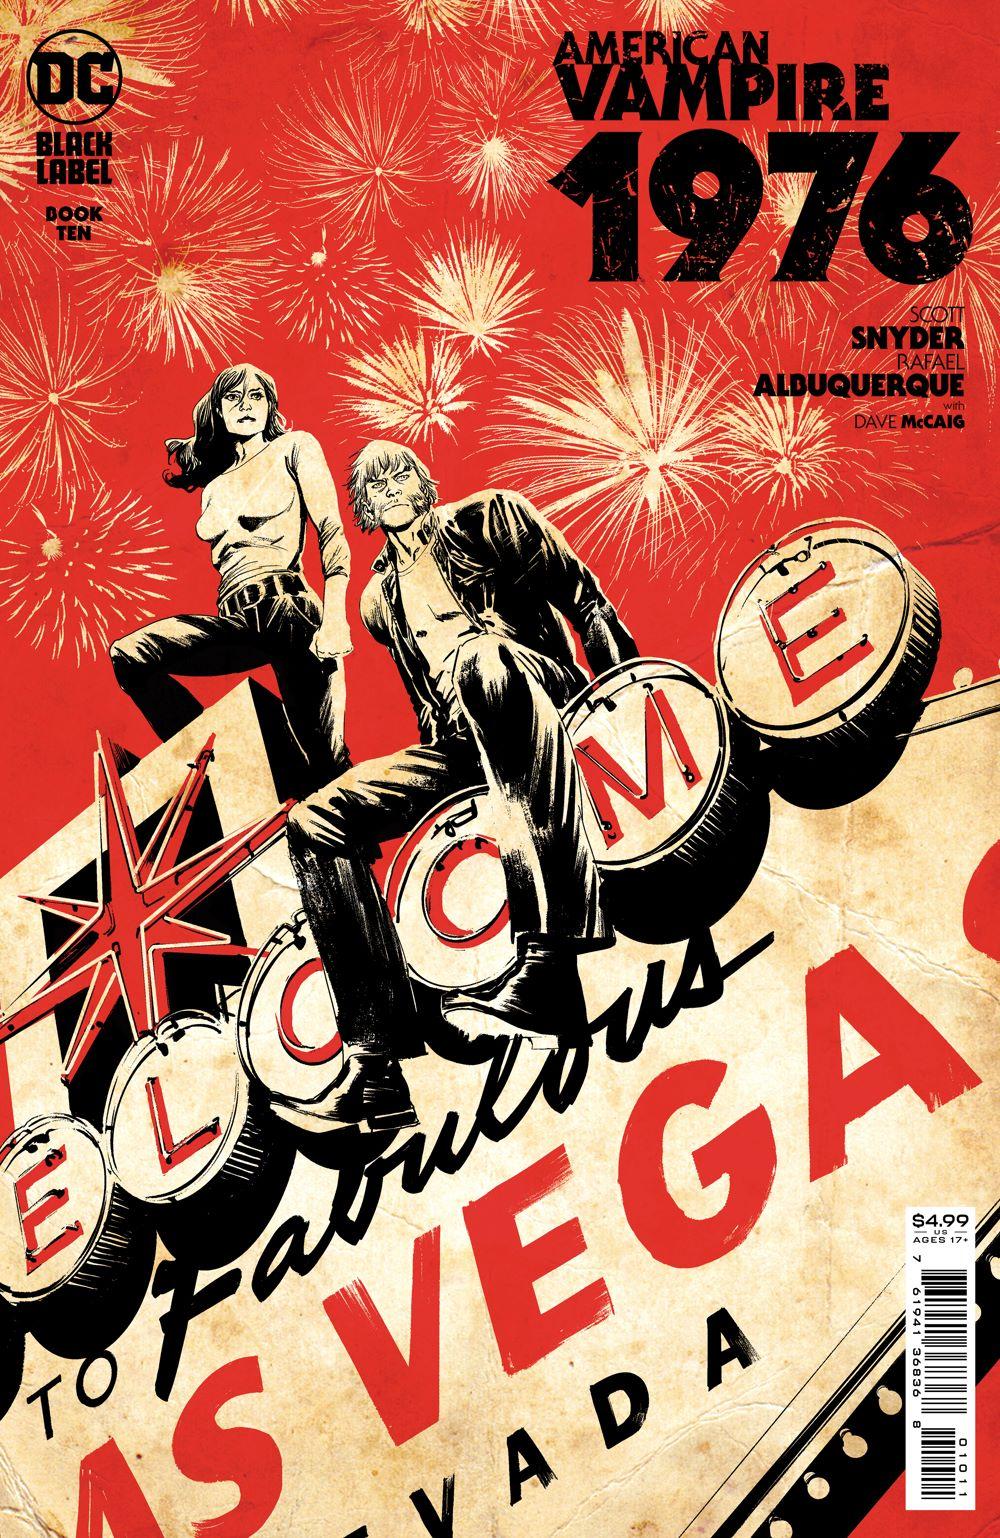 AV1976_Cv10 DC Comics July 2021 Solicitations